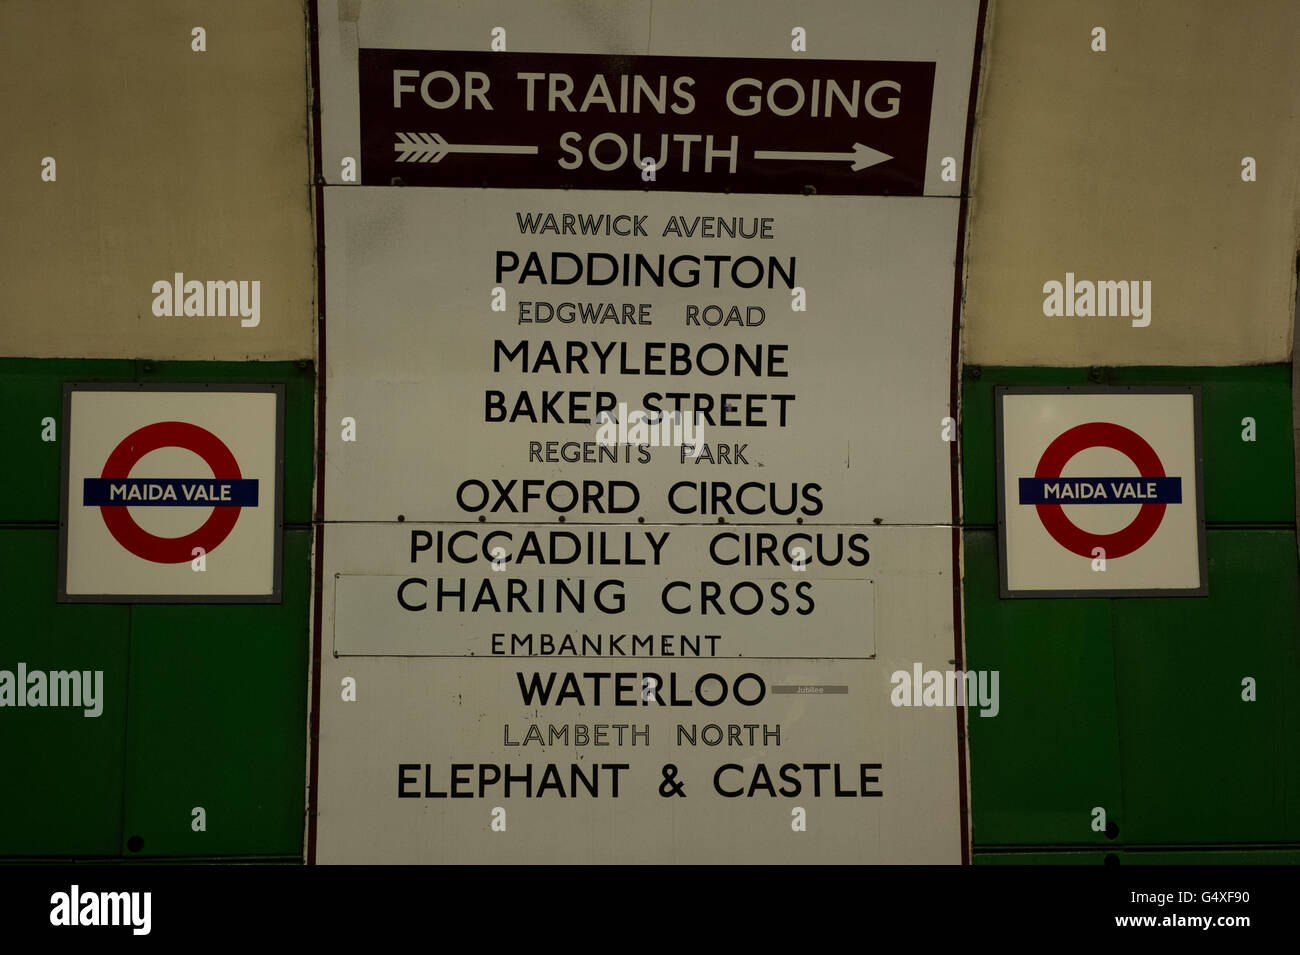 Maida Vale Underground Station - Stock Image